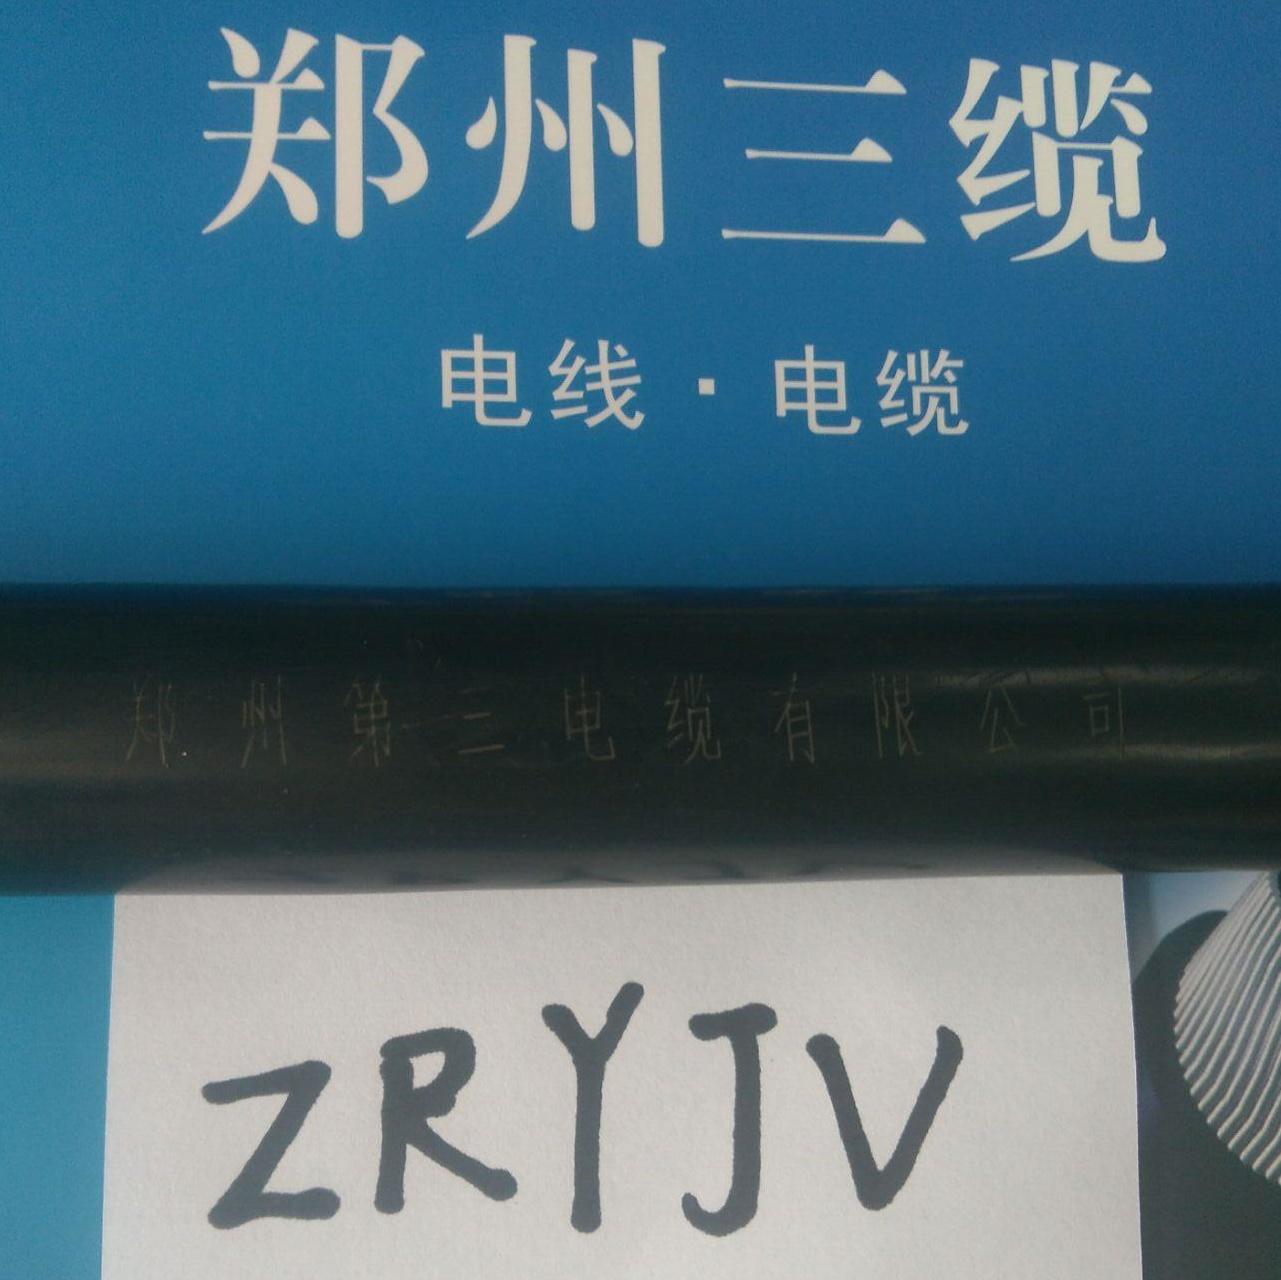 阻燃型电缆ZRYJV